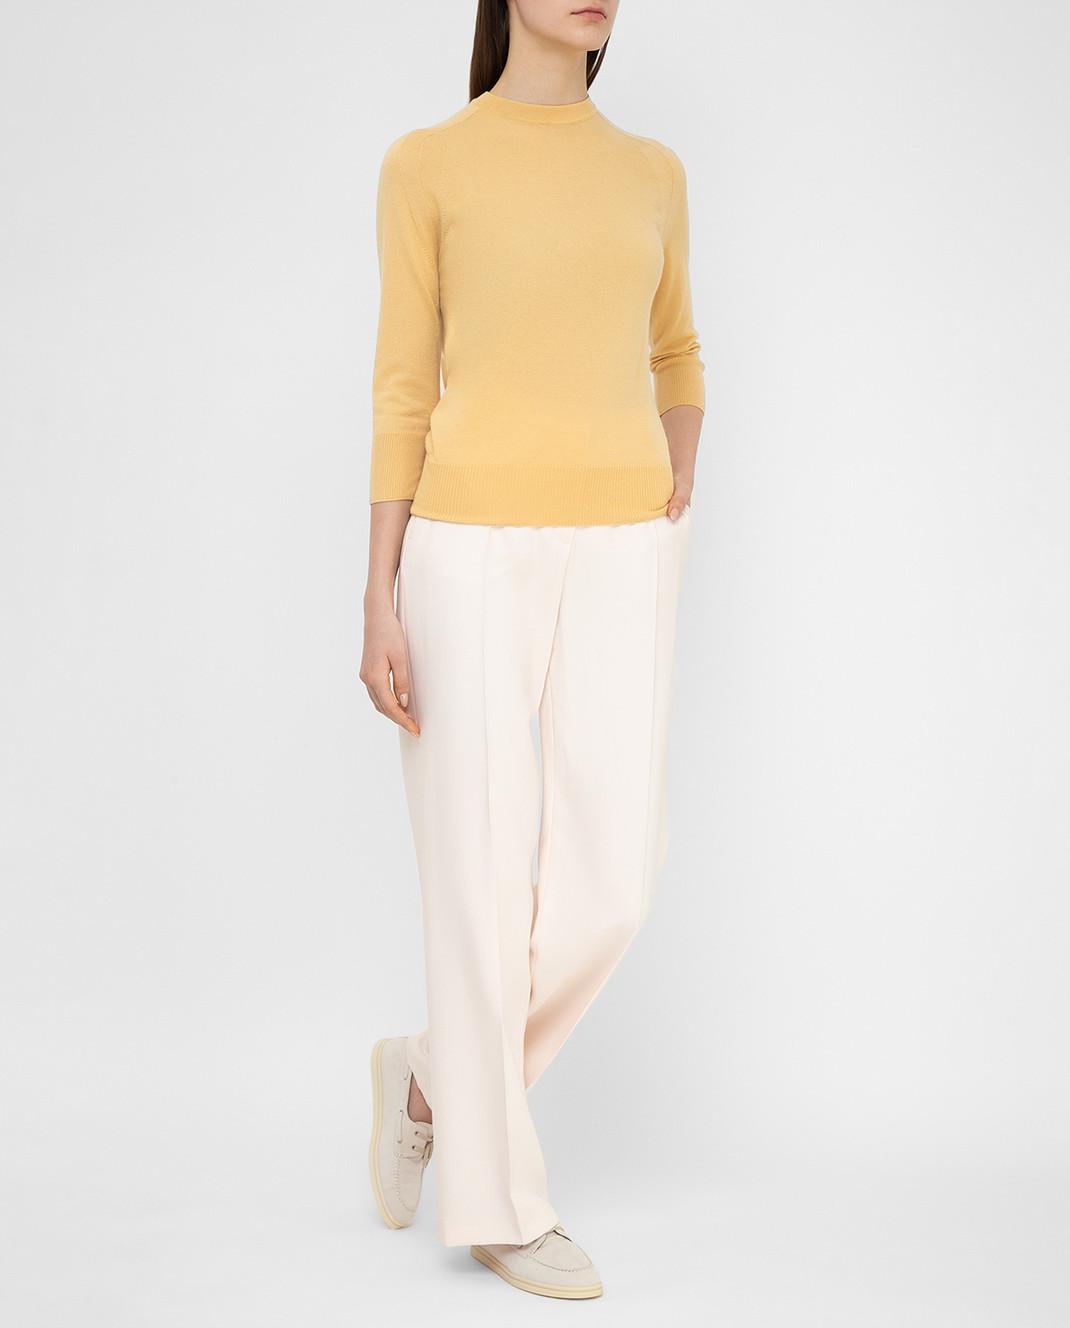 Loro Piana Розовые брюки из шелка и шерсти F1FAI5226 изображение 2